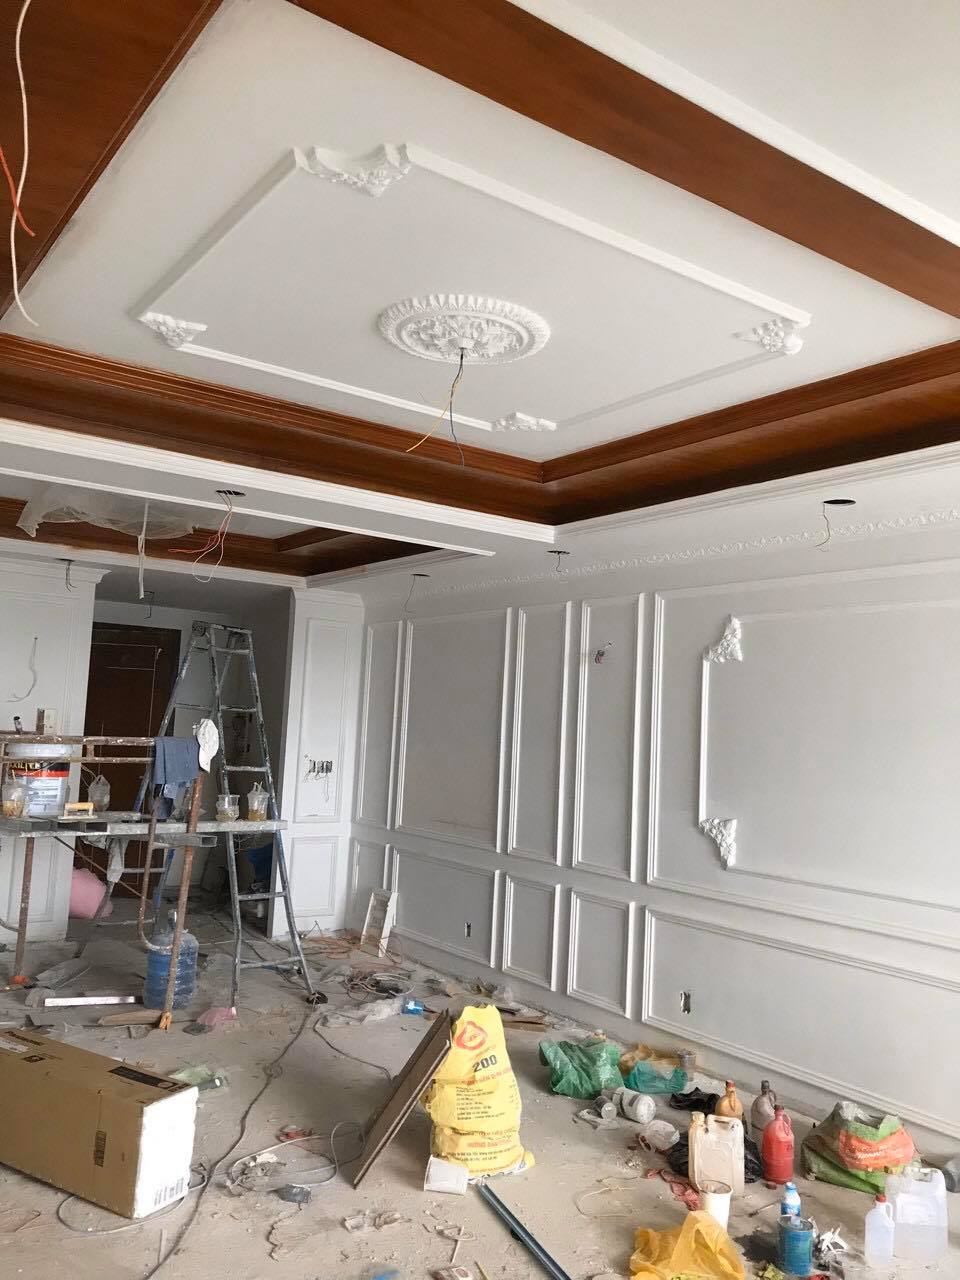 Đội thợ sơn lại nhà chung cư tại TPHCM, nhận sơn sửa lại căn hộ chung cư cao cấp, chung cư cũ lâu năm. Dịch vụ sơn nhà chung cư TPHCM, sơn lại phòng khách, phòng ngủ, nhà bếp, sơn chống thấm nhà chung cư giá rẻ. Thi công sơn nước nhà chung cư đẹp, phối màu sơn hợp phong thủy khách hàng. Với đội thợ sơn lại nhà chung cư TPHCM có nhiều năm kinh nghiệm trong lĩnh vực sơn nhà, sơn nước, chuyên nghiệp, cam kết mang lại cho khách hàng một ngôi nhà đẹp như ý. Ngoài ra chúng tôi còn nhận sơn nhà ở dân dụng, nhà xưởng, sơn mặt bằng kinh doanh, sơn nhà trọ, sơn nhà phố..Liên hệ O907.603.222